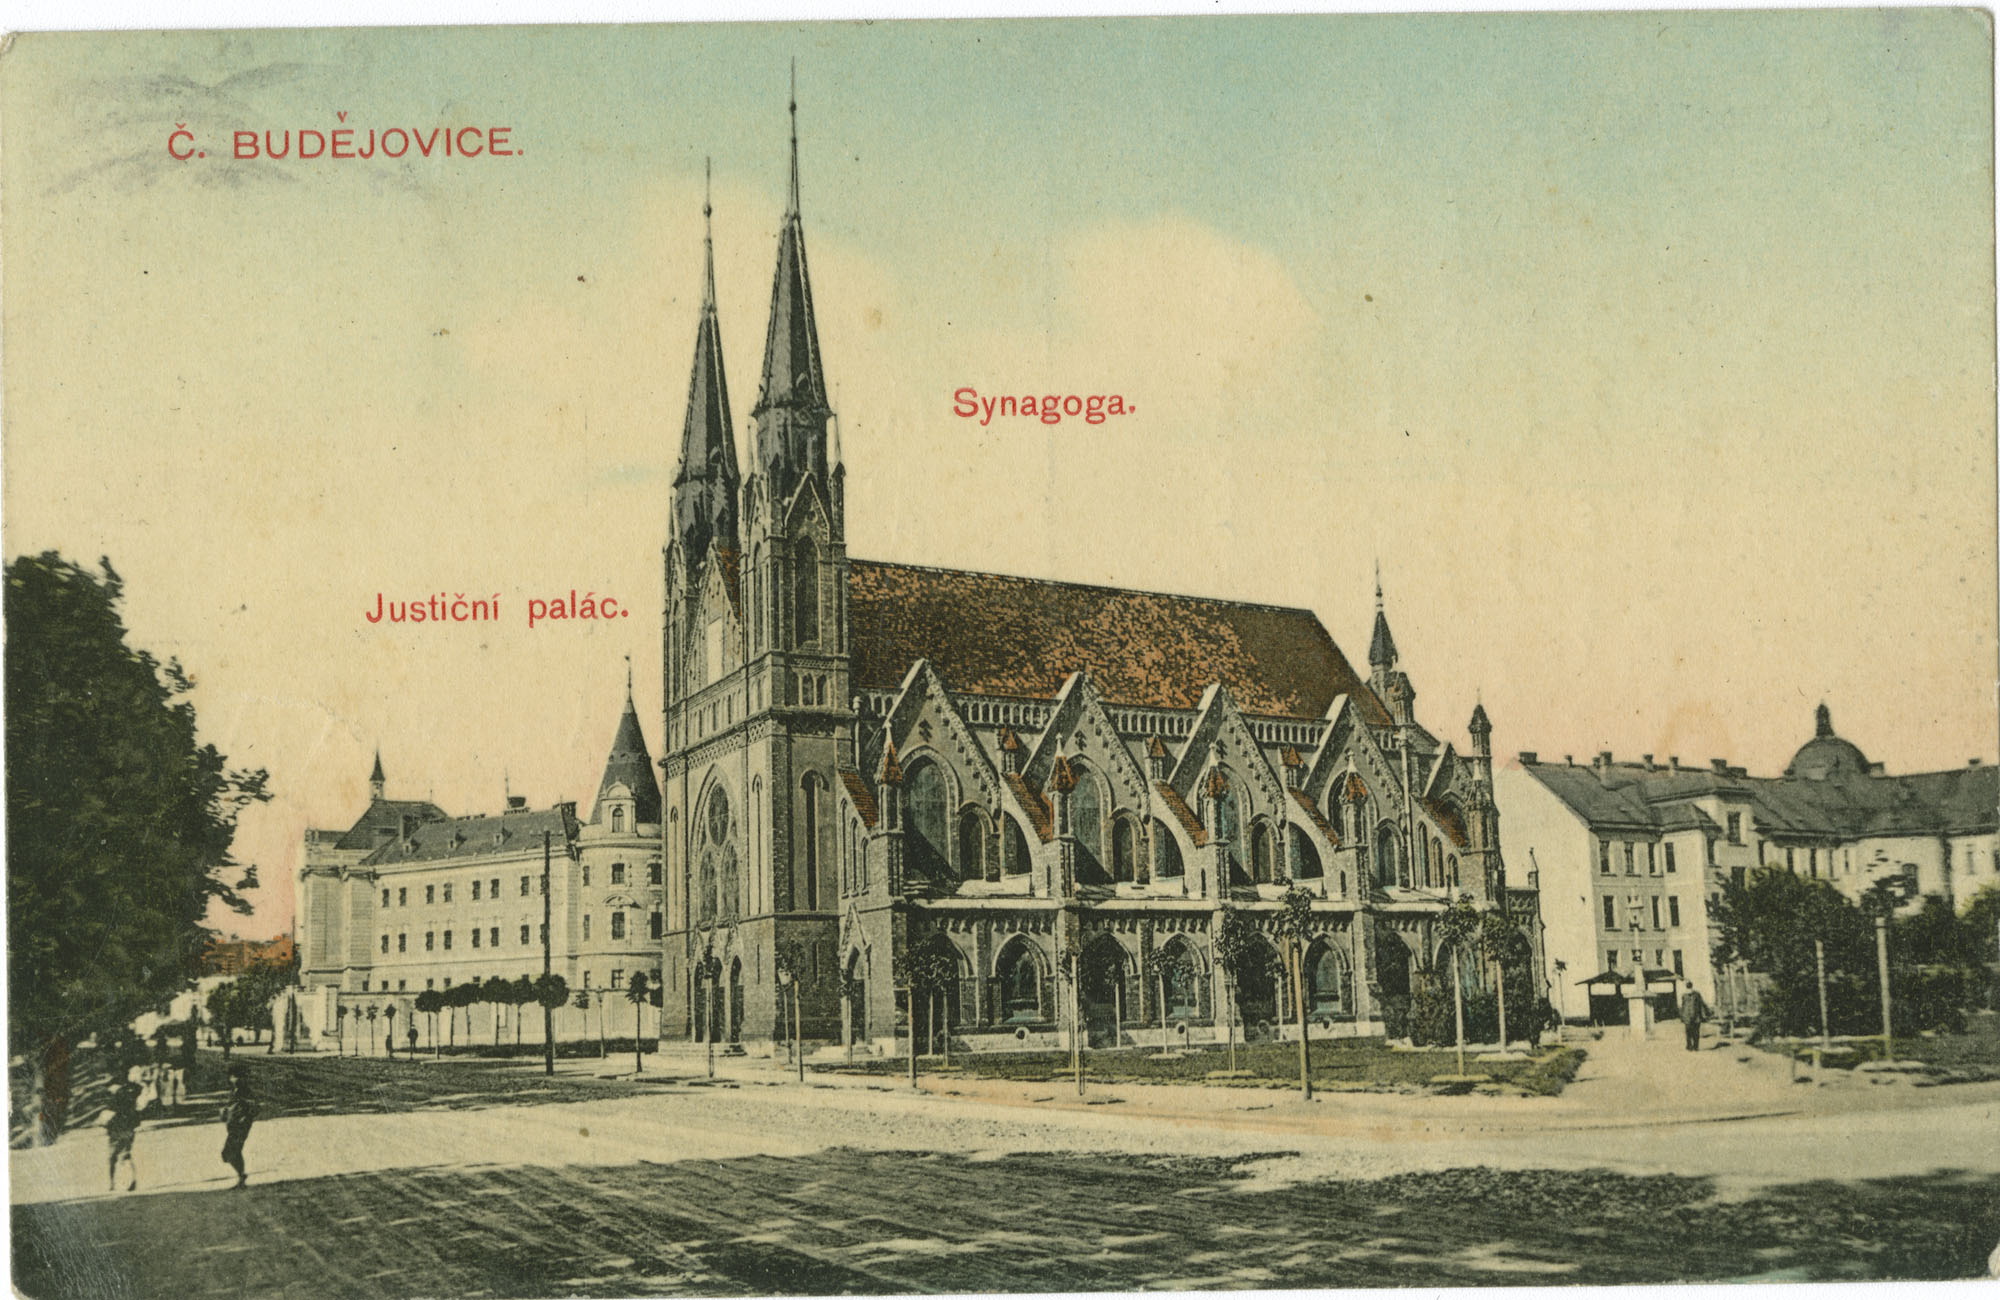 Č. Budějovice. Justiční palác. Synagoga.